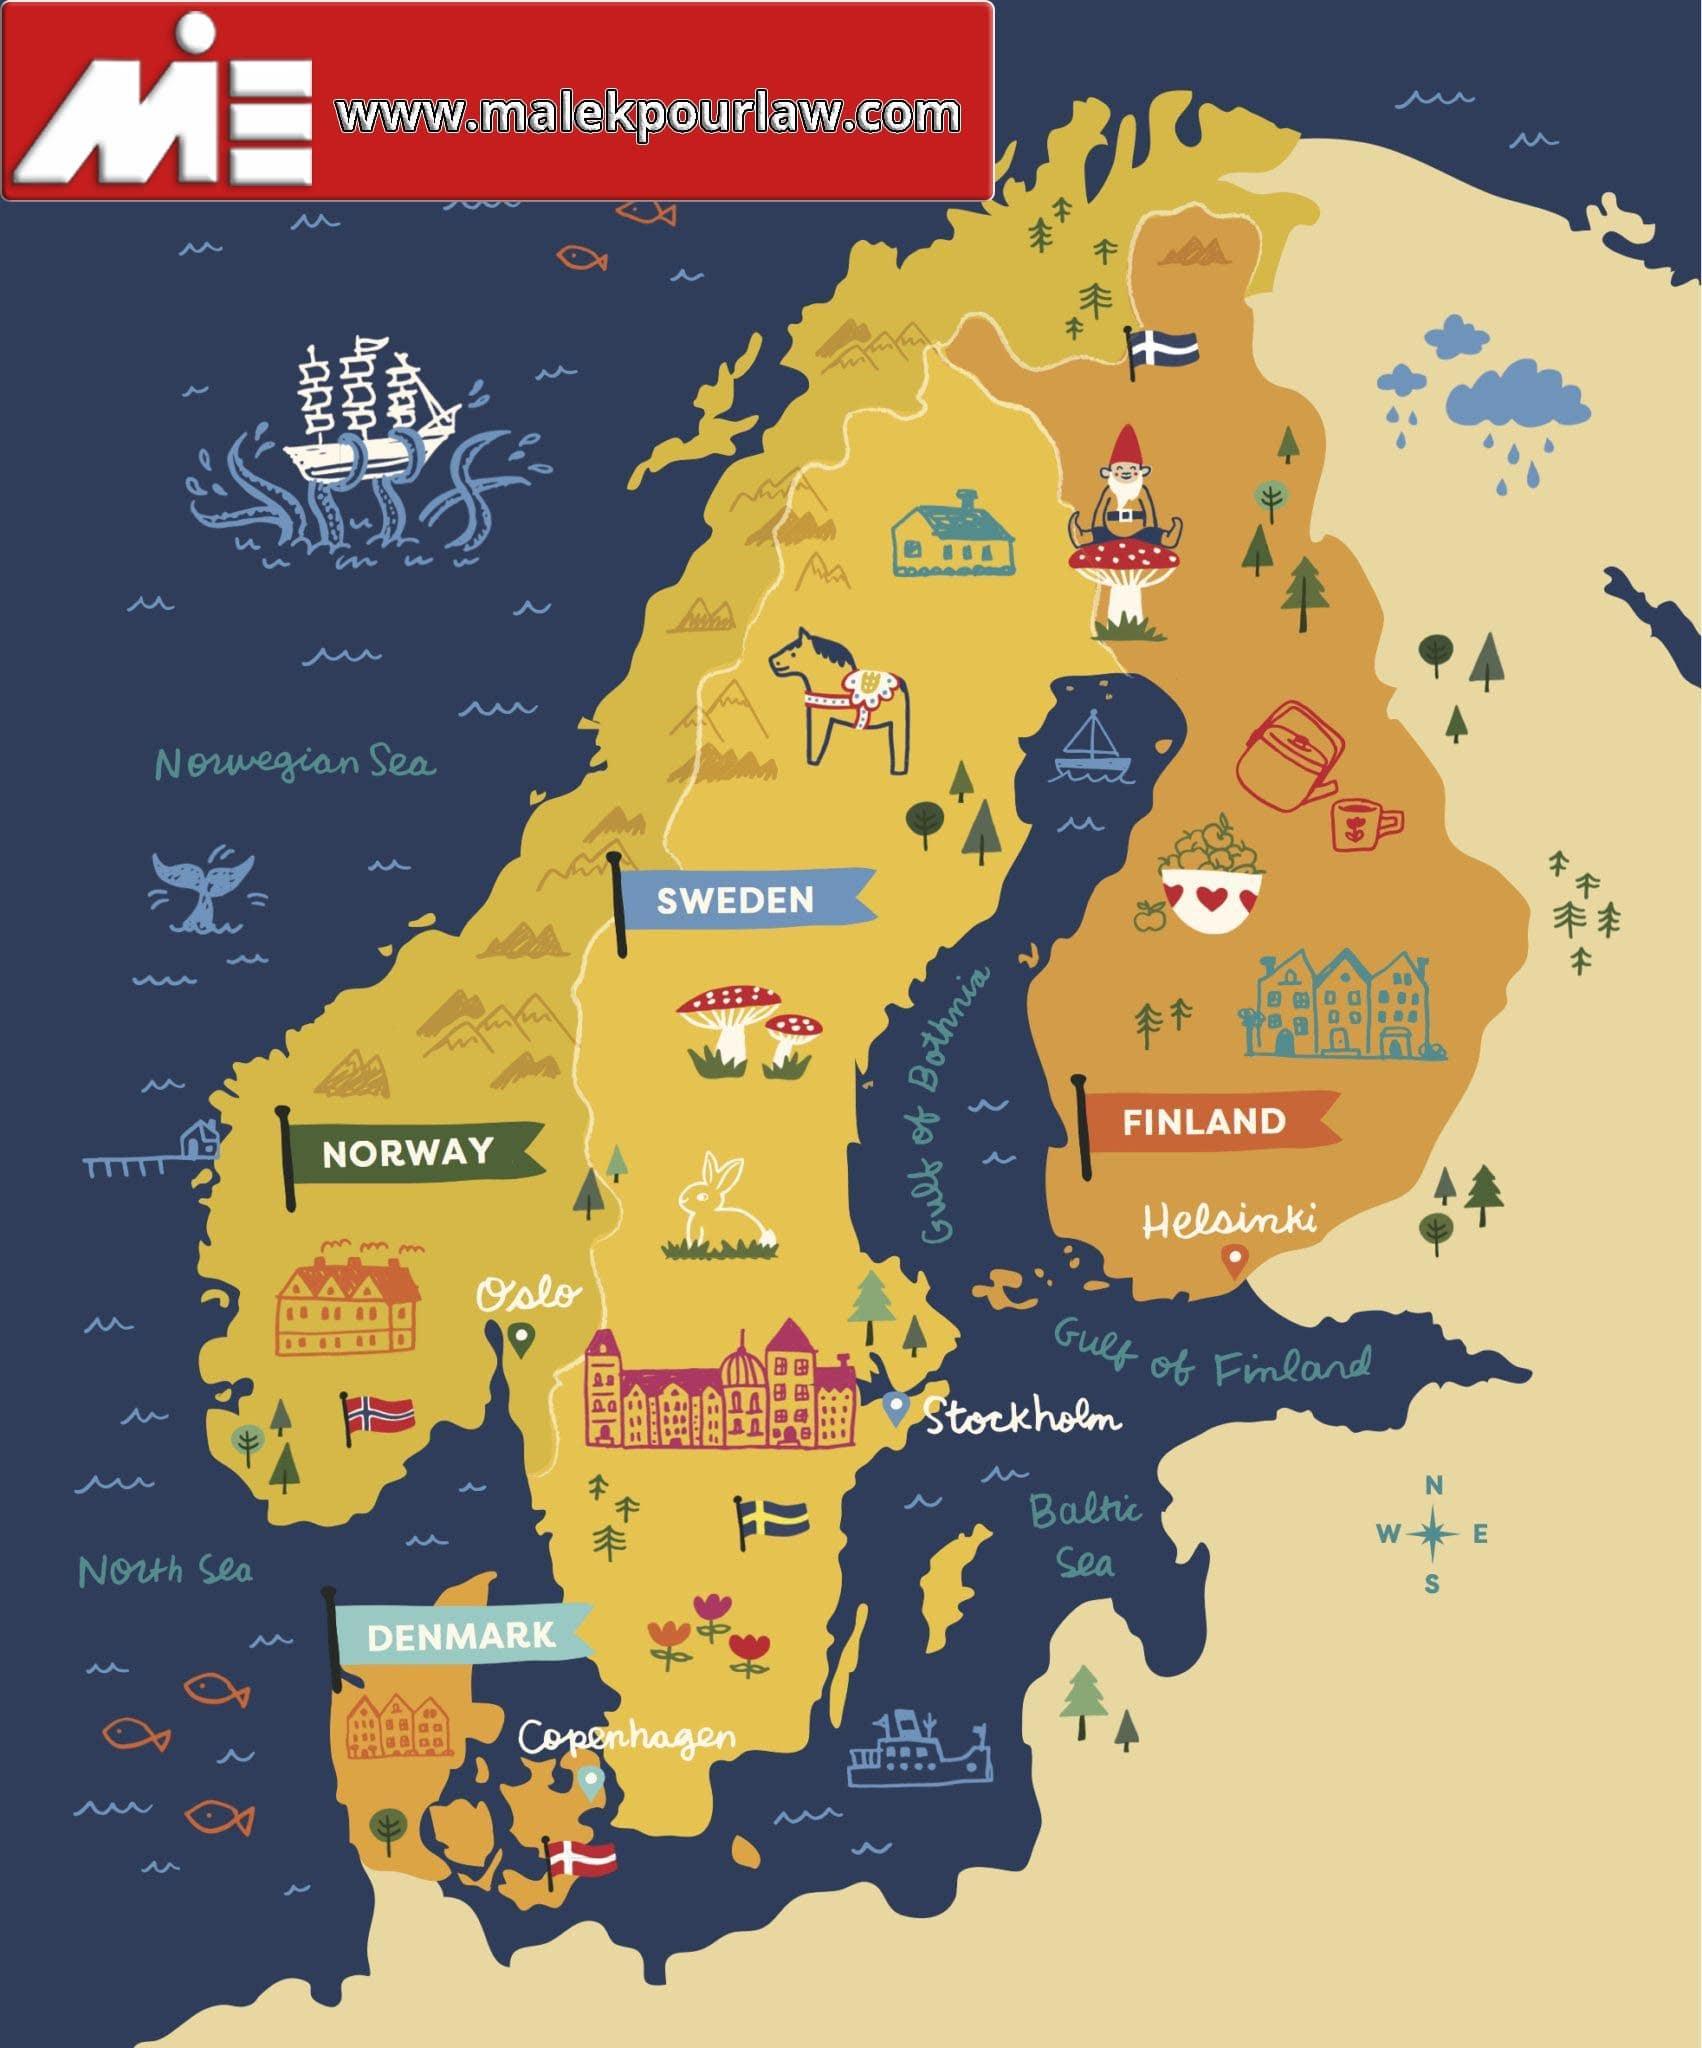 کشور های اسکاندیناوی - شبه جزیره اسکاندیناوی